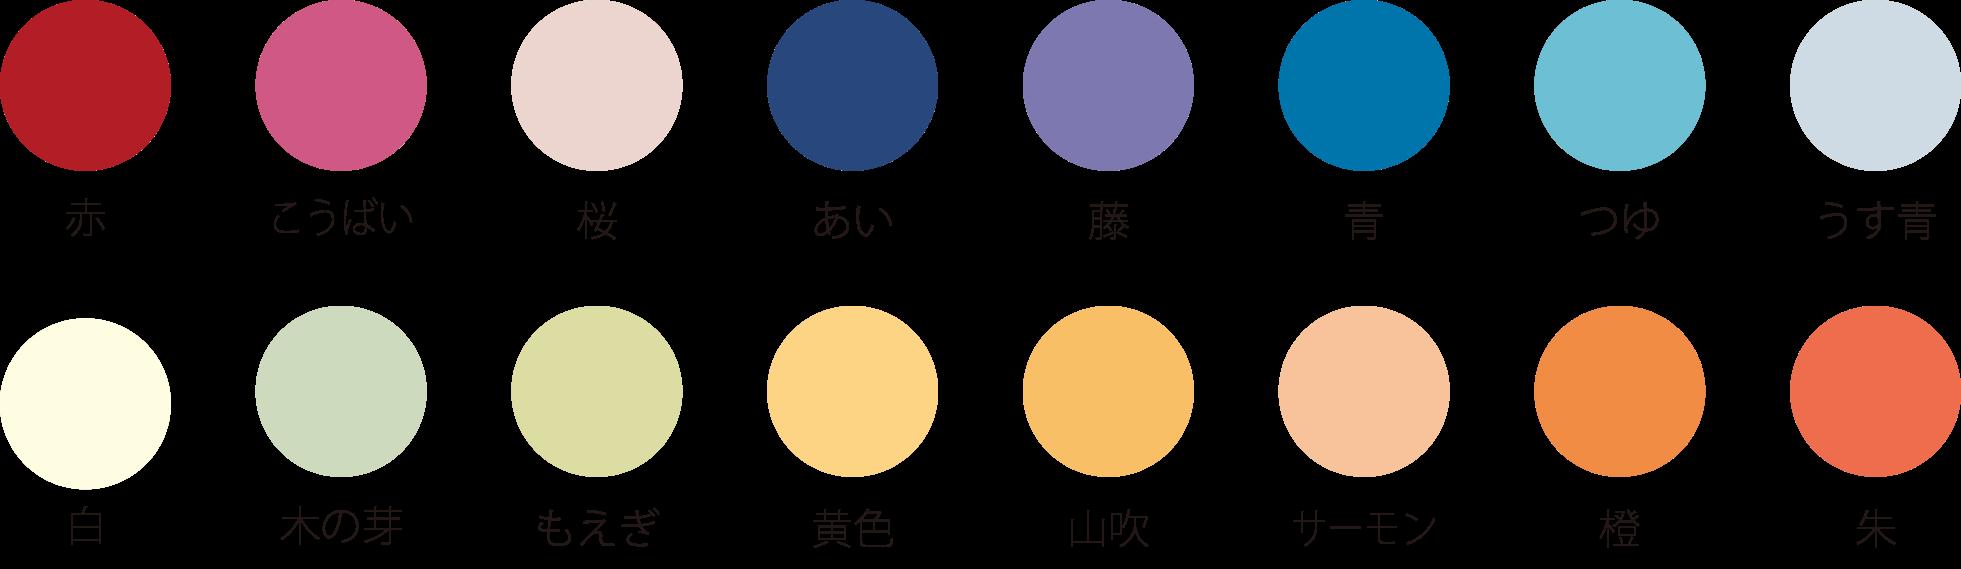 カラーパスポート風招待状の色見本